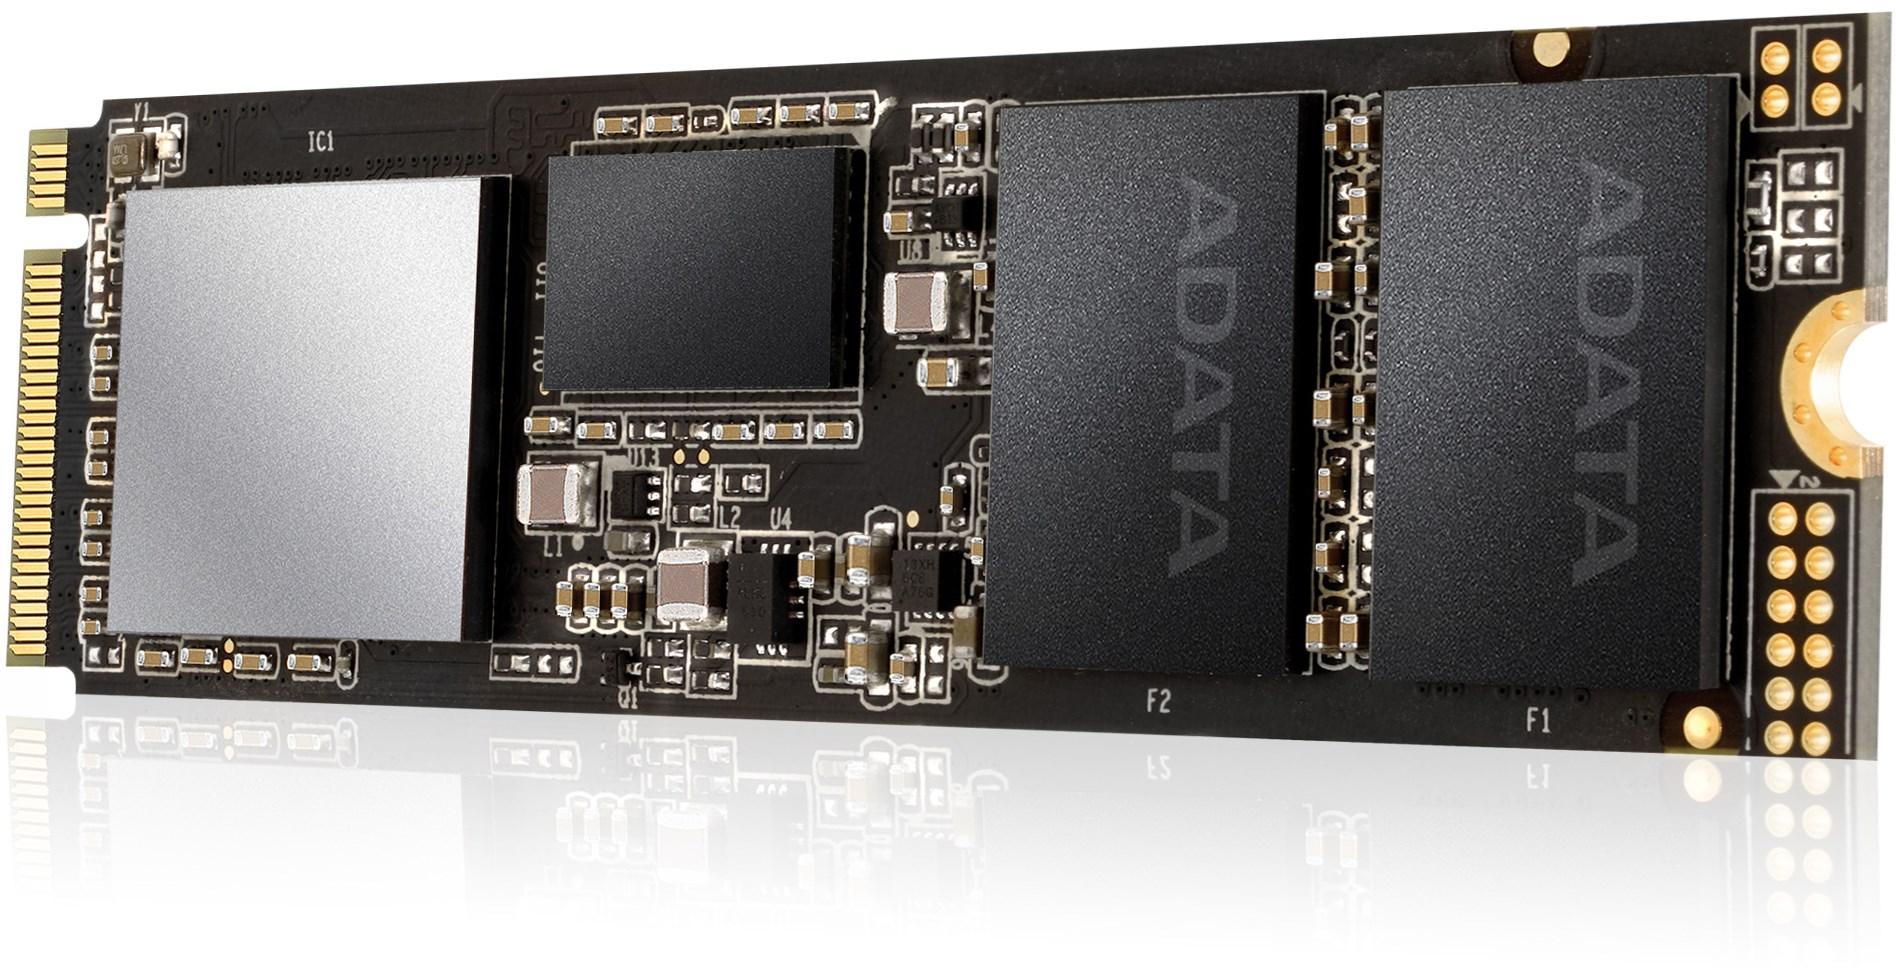 مشخصات اس اس دی اینترنال ایکس پی جی مدل SX8200 Pro با ظرفیت 256 گیگابایت